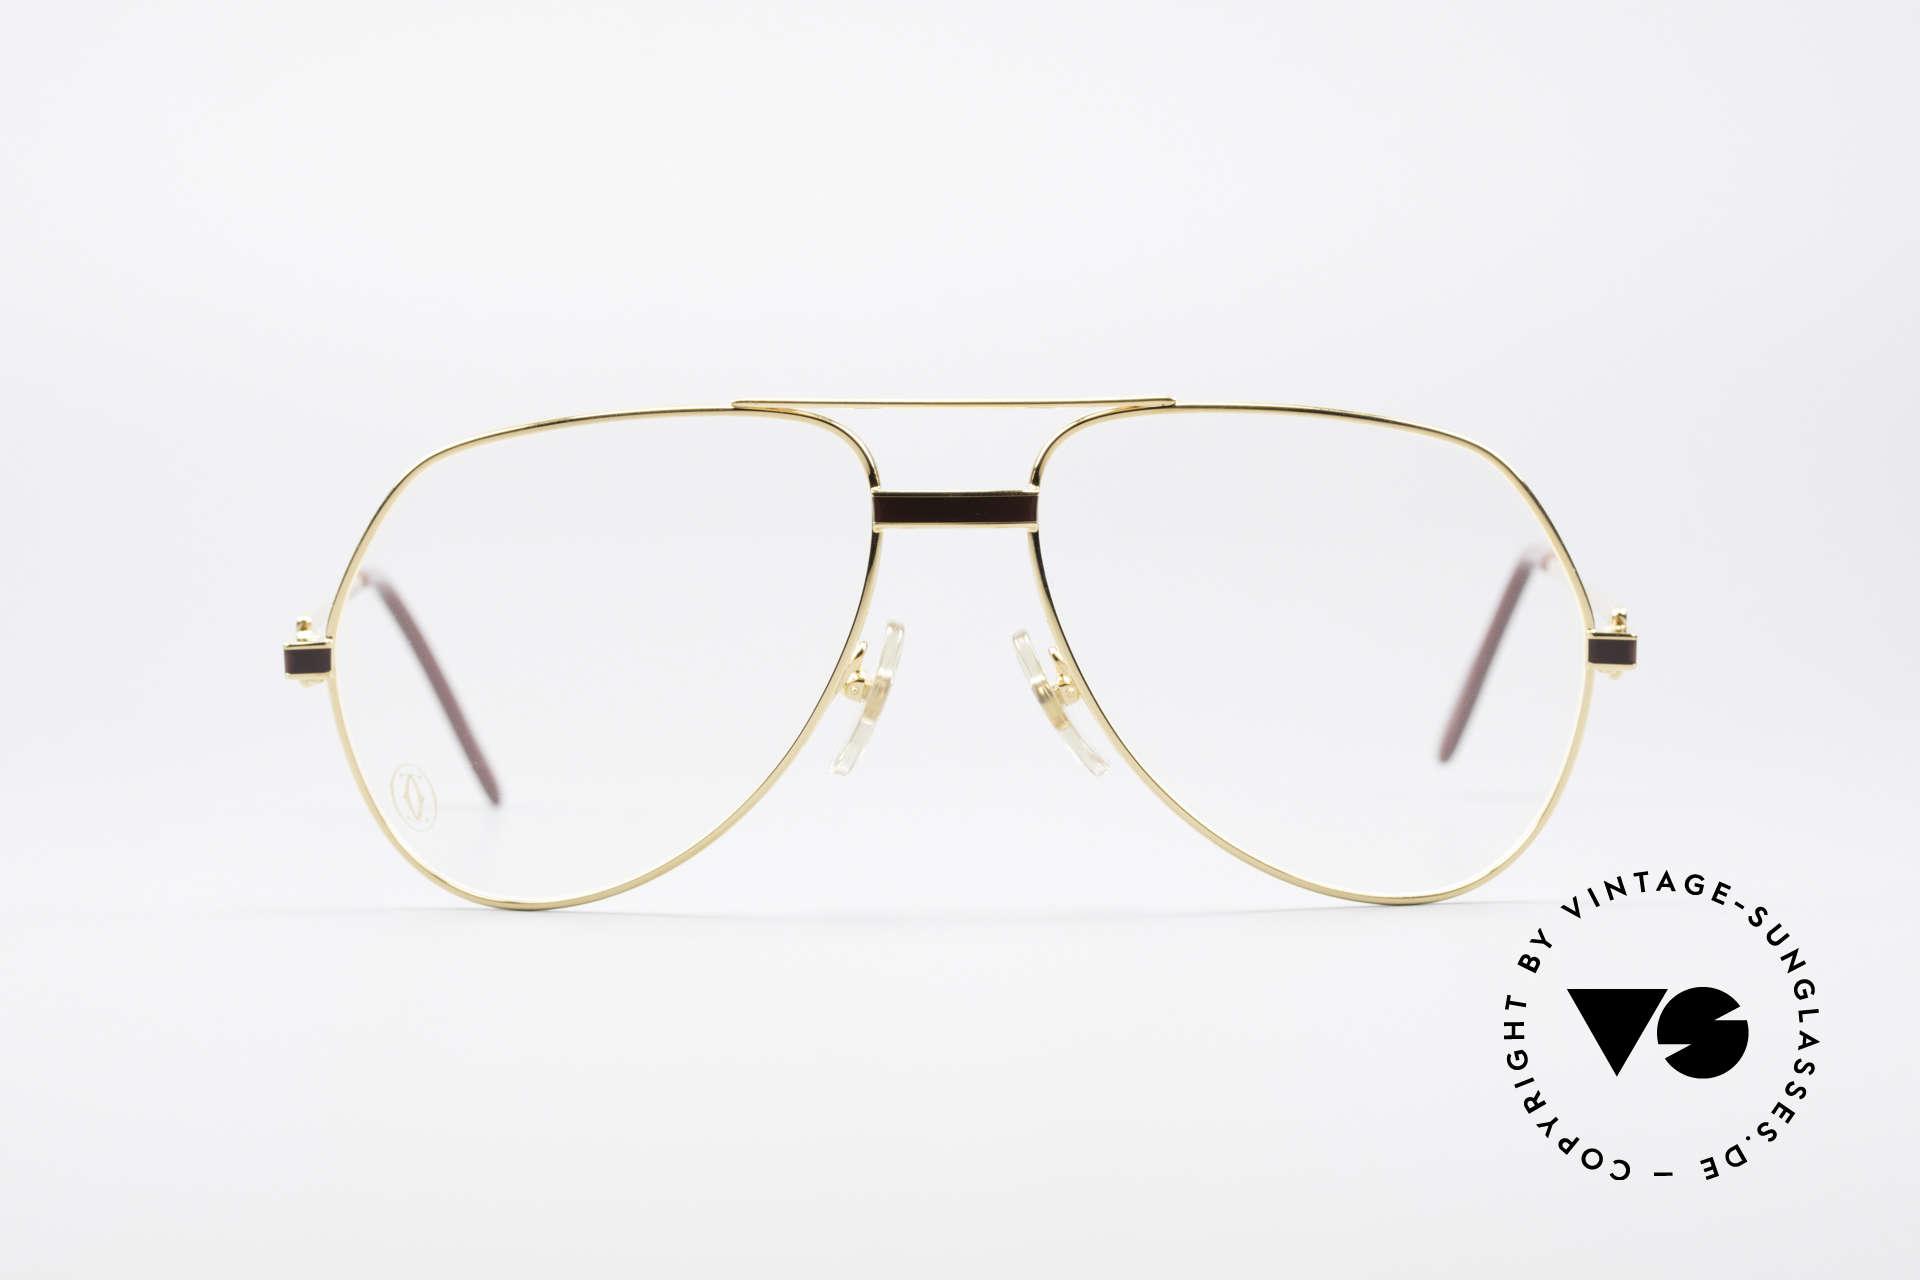 837b2011d0f1c3 Glasses Cartier Vendome Laque - M Luxury Glasses